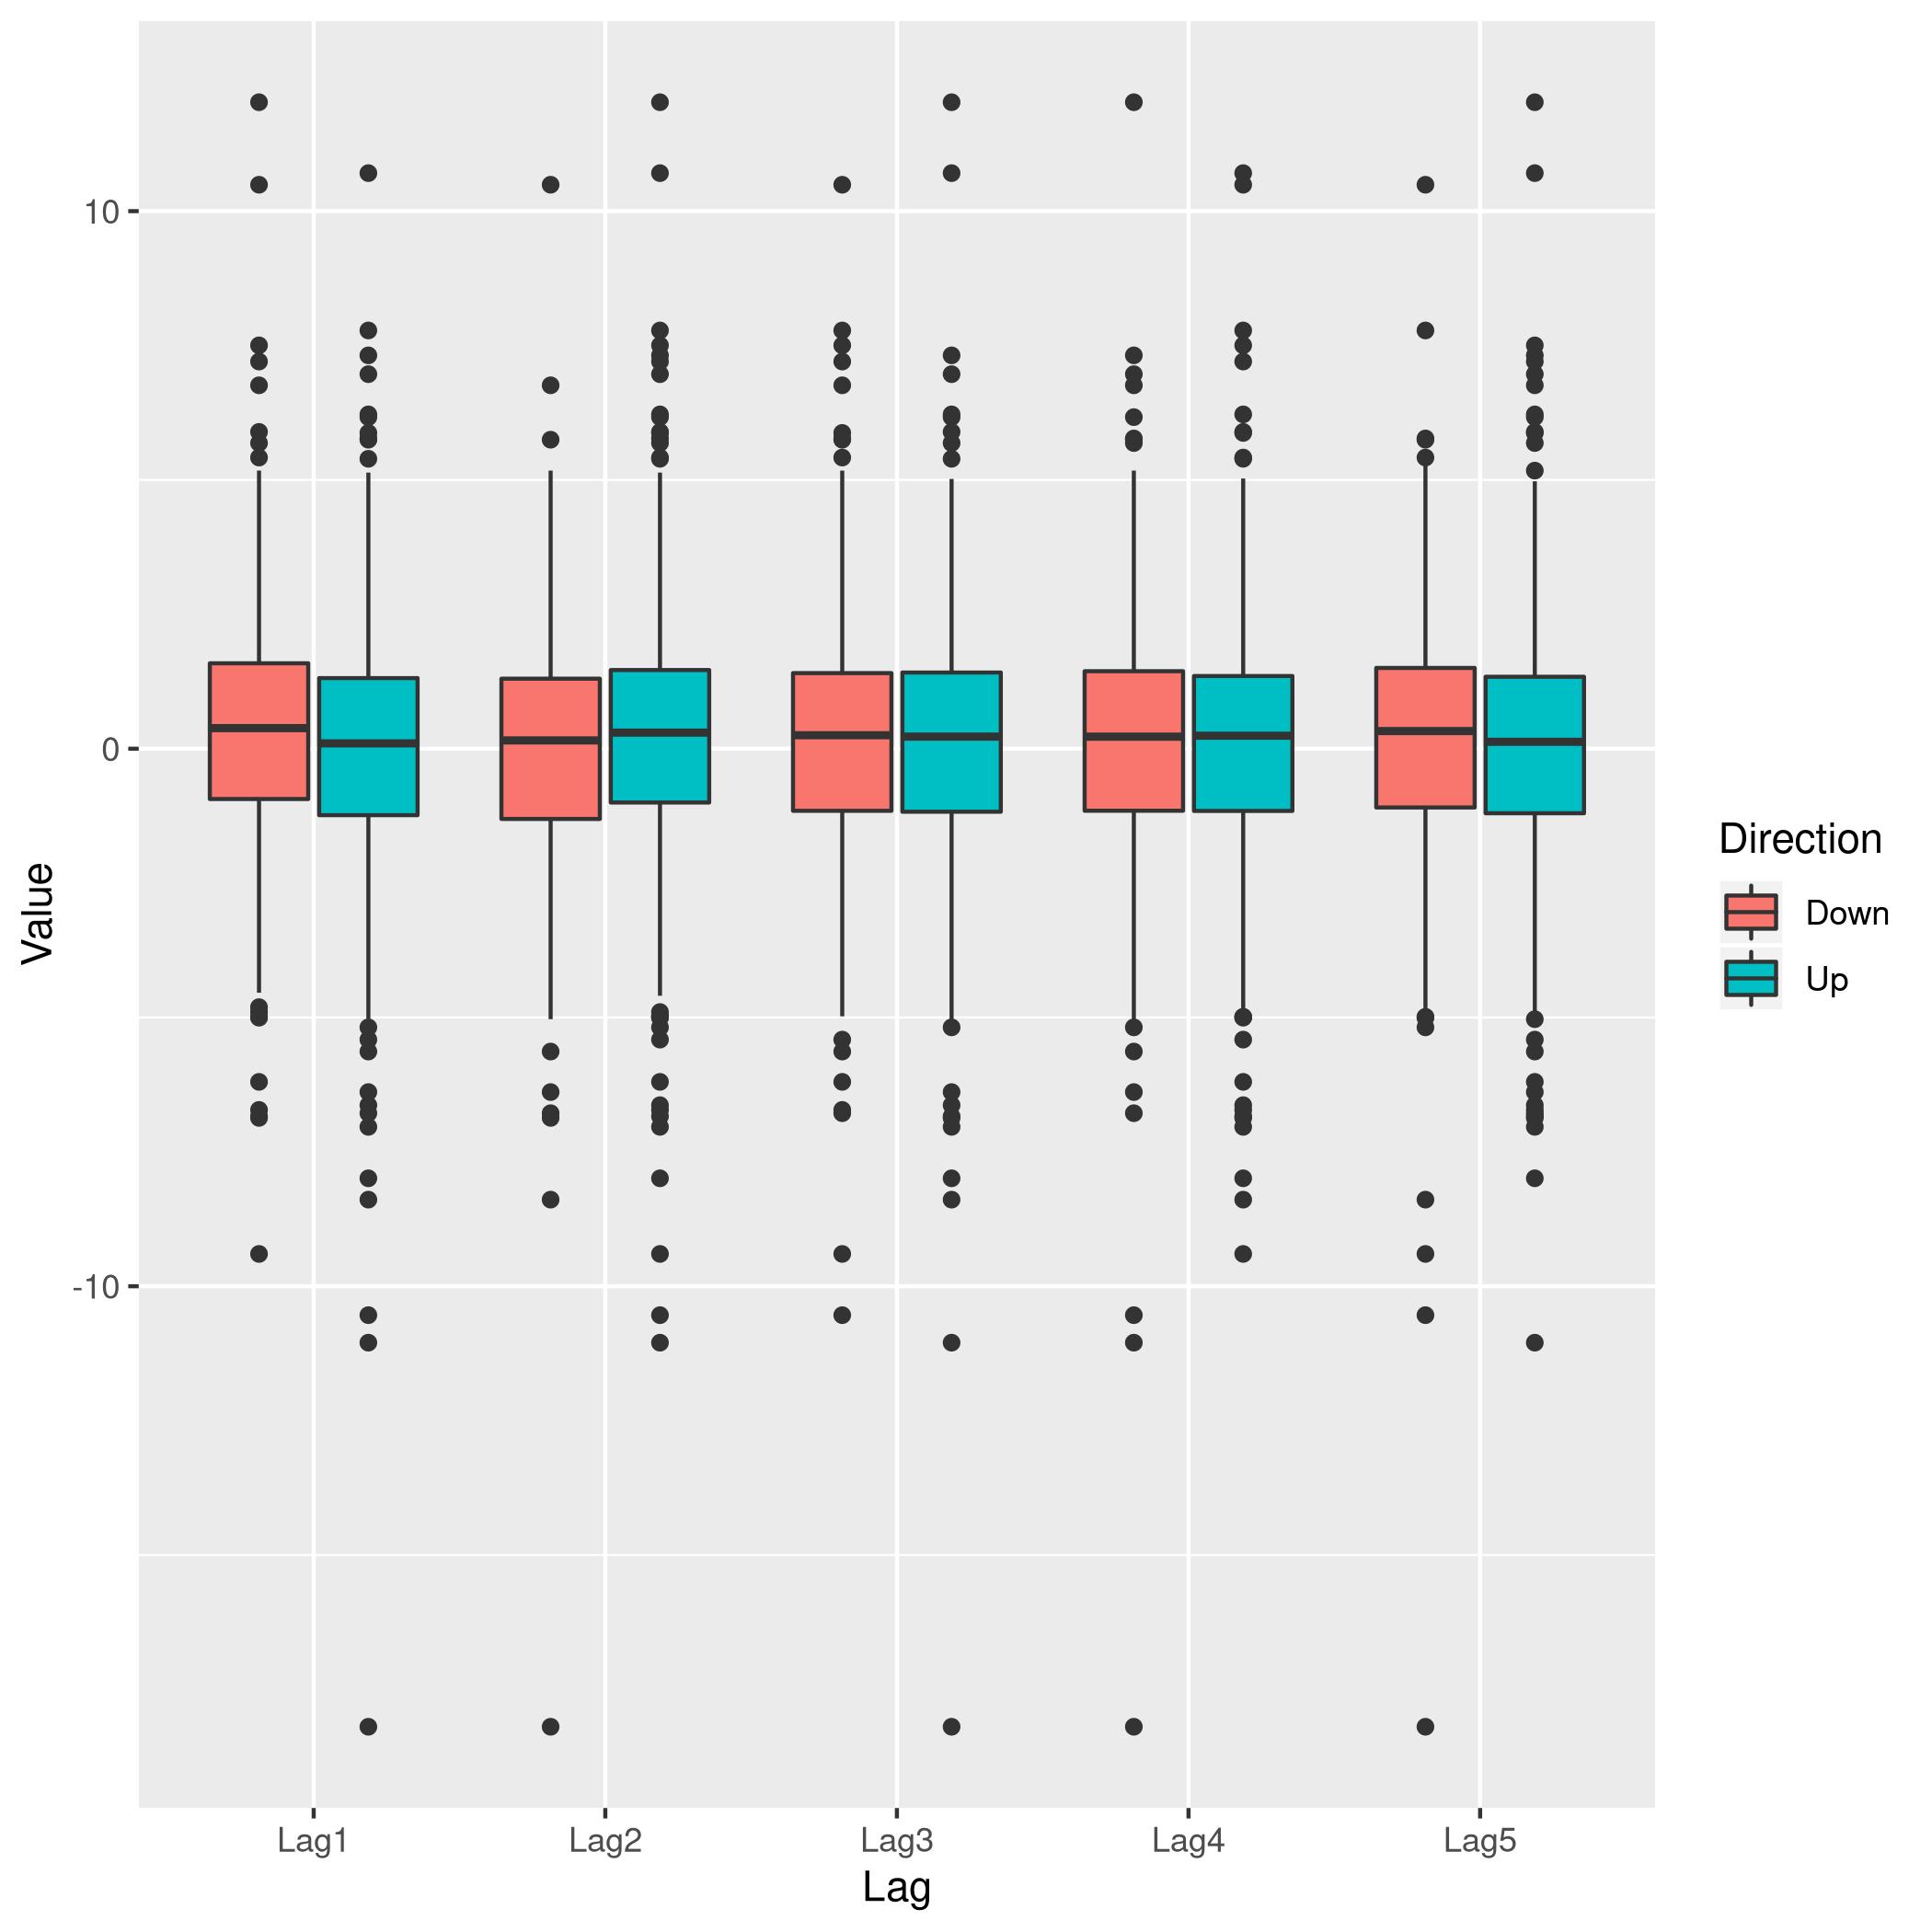 Figure 5: Lag v/s all